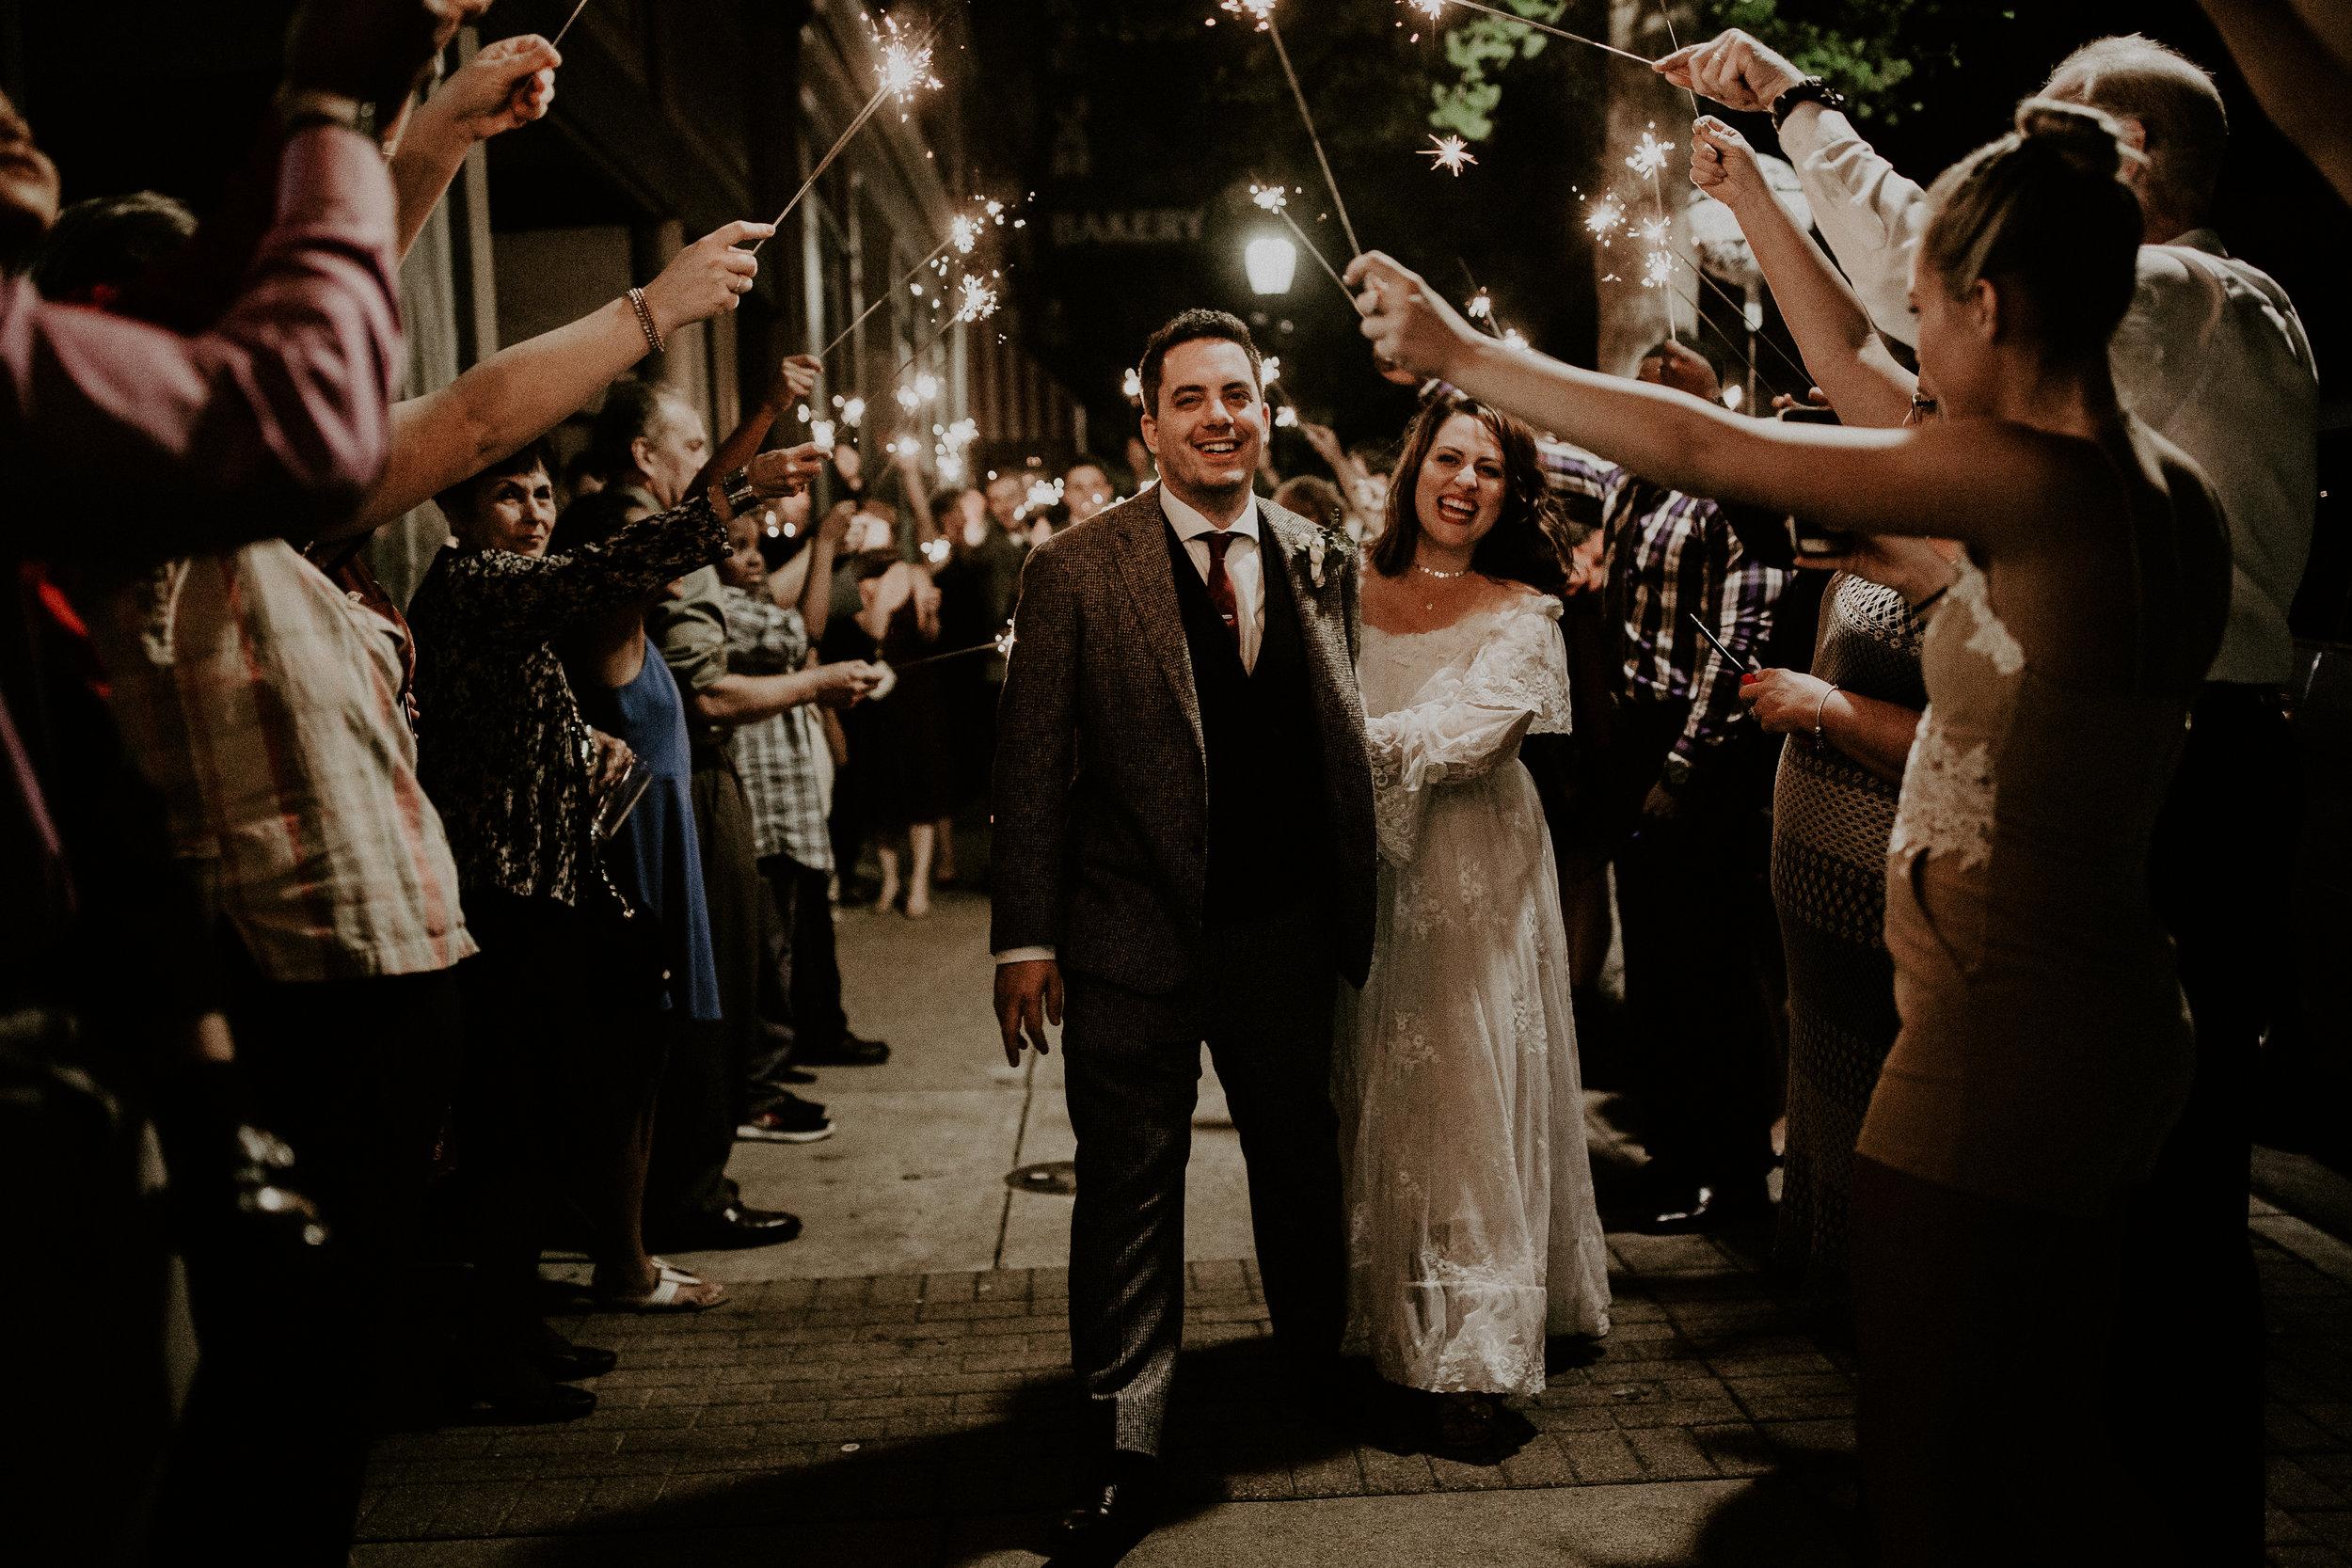 Jaymee_Jake_Vintage_Wedding_Cincinnati-EDIT-638.JPG